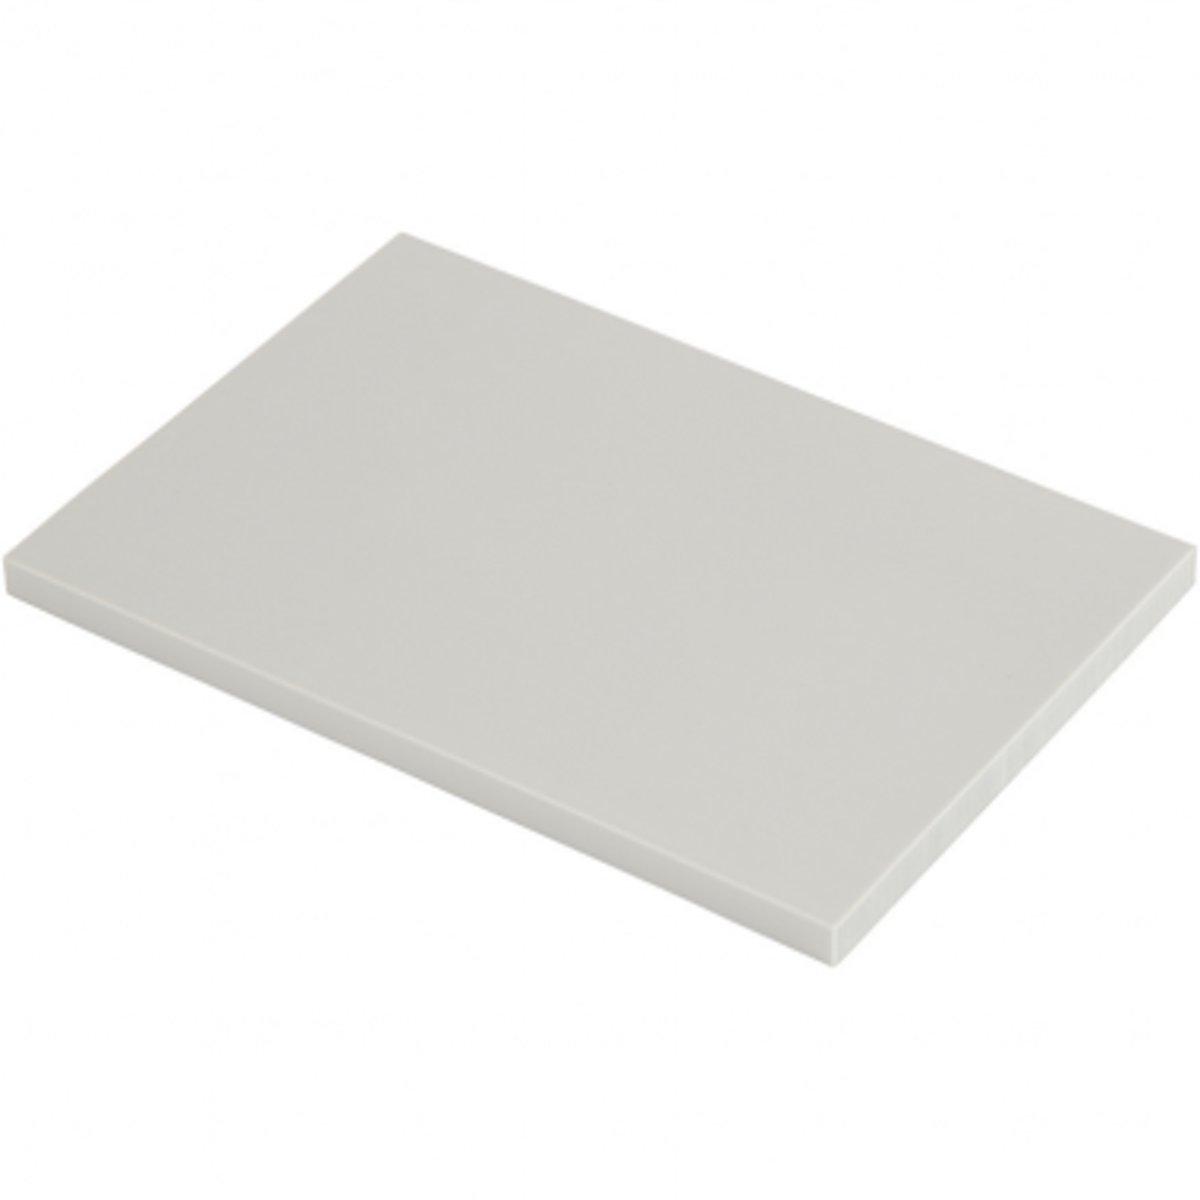 Afbeelding van product Creotime Rubberen Snijblok 10x15,5 cm